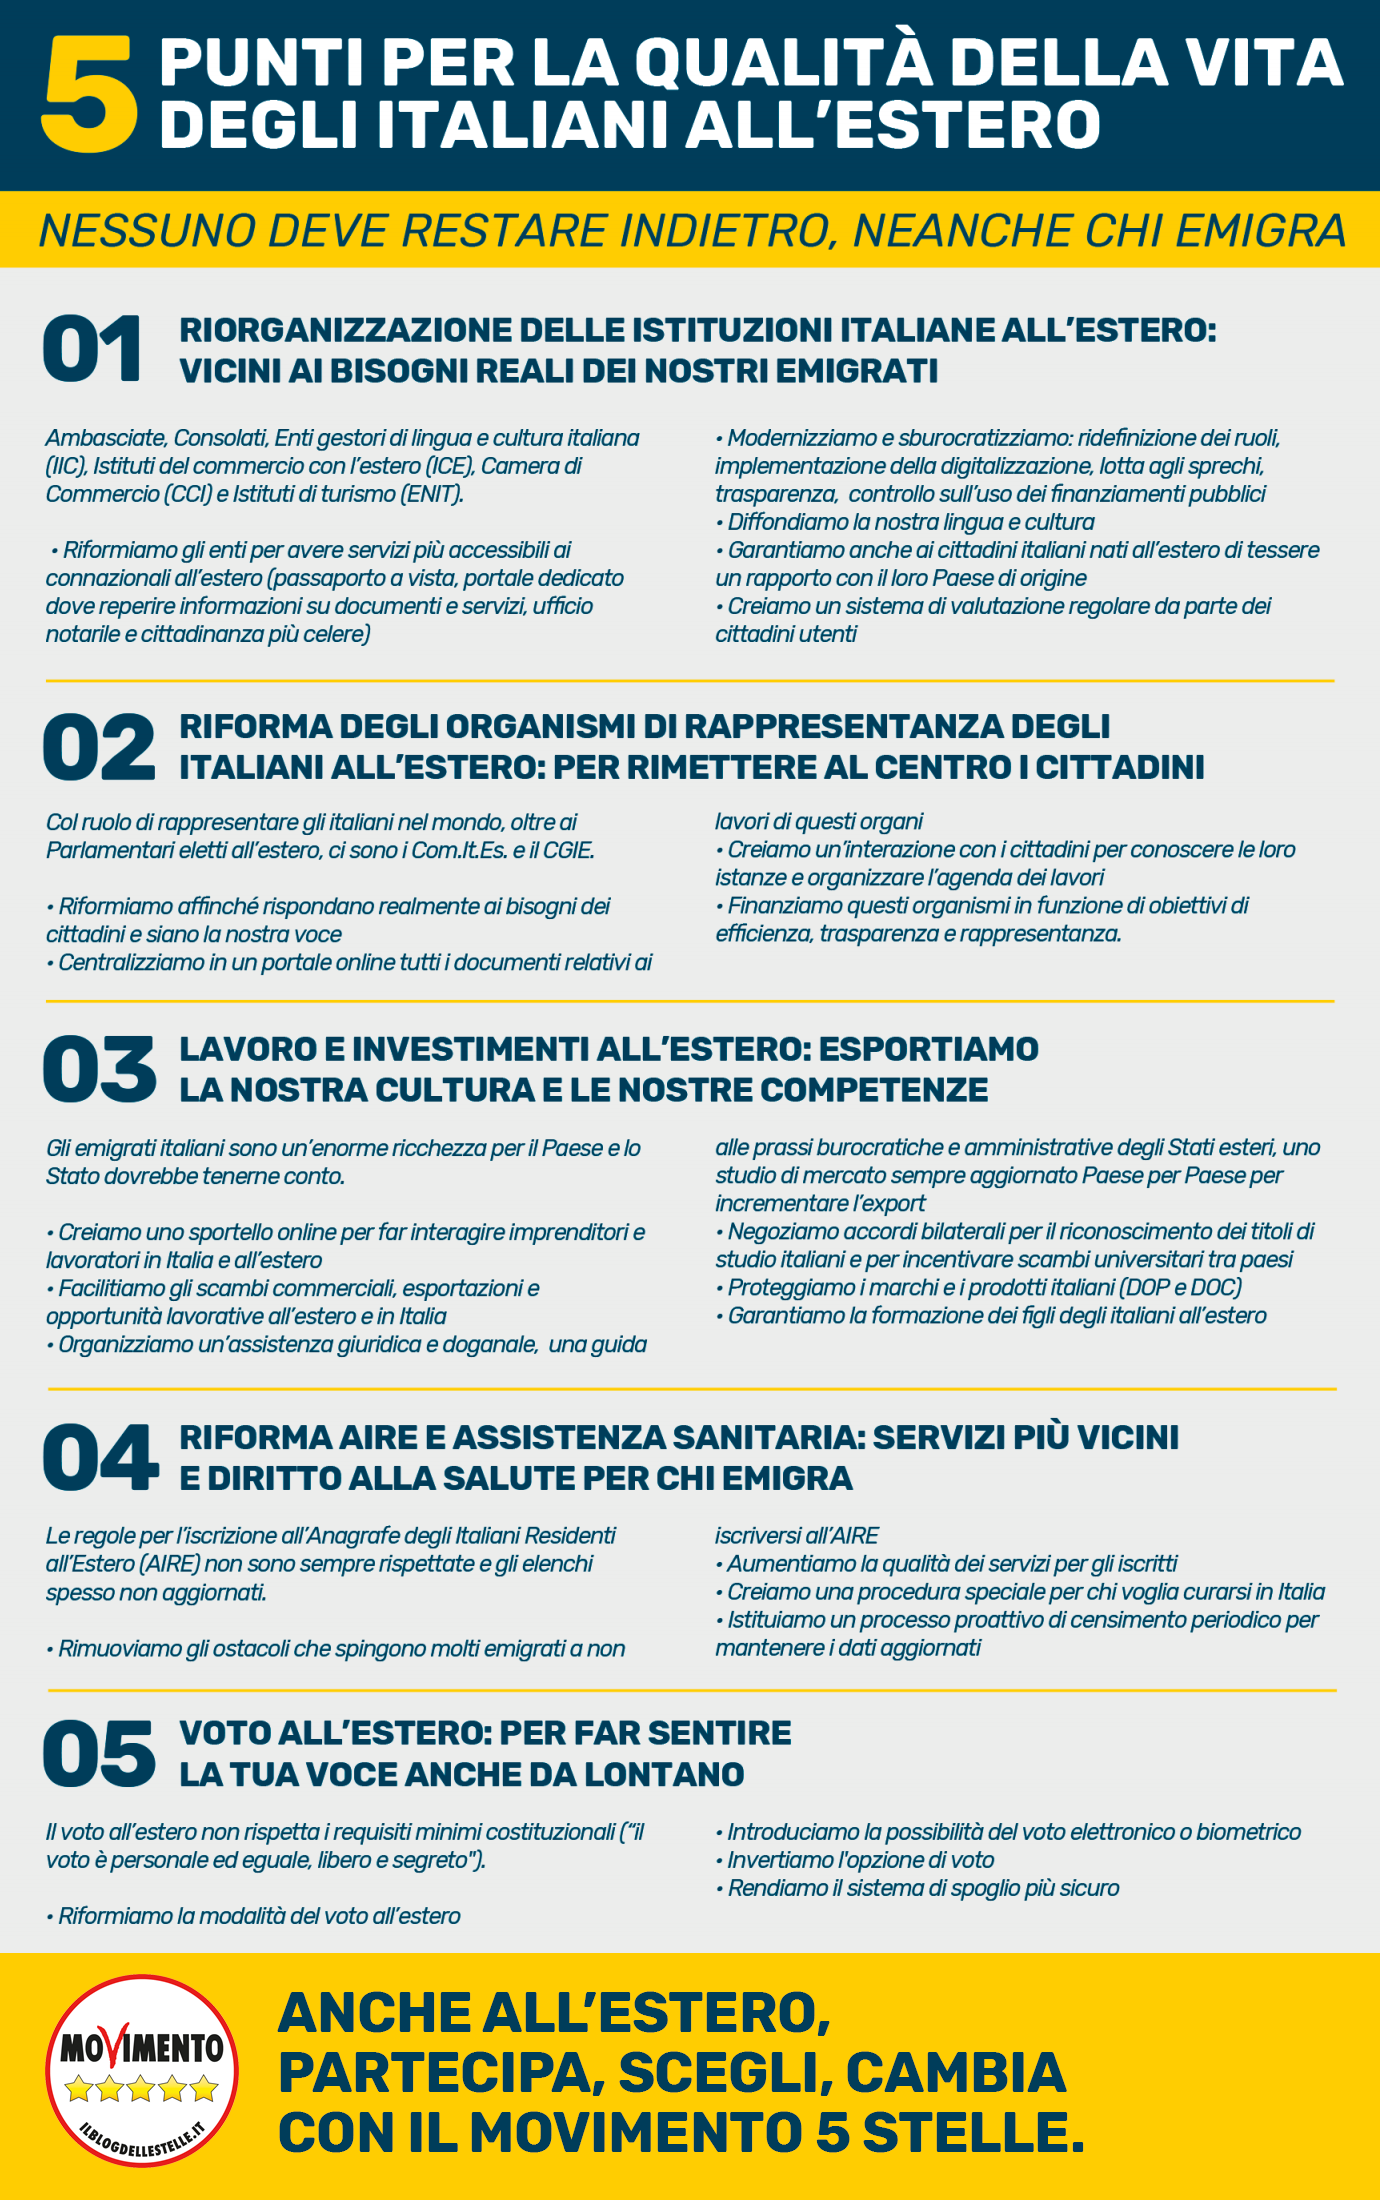 Programma Italiani all'estero del Movimento 5 Stelle - M5S Elezioni Politiche 2018